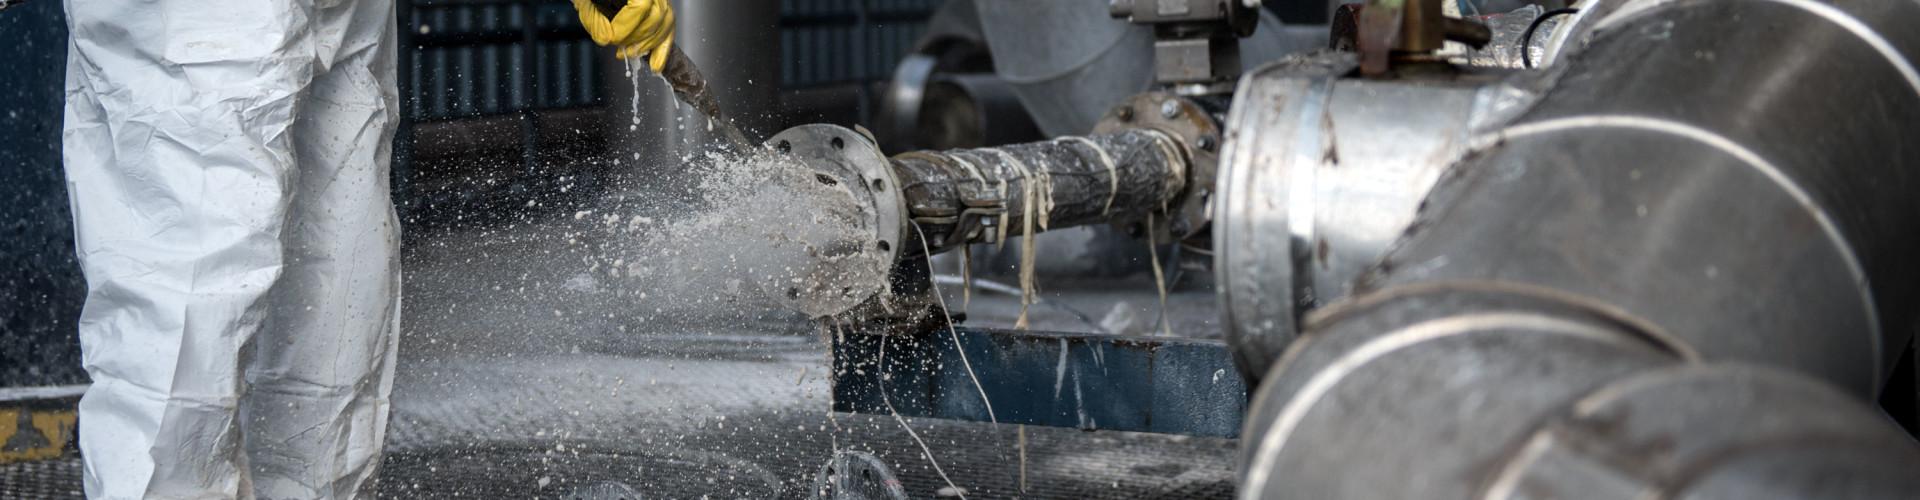 Industriereinigung Hochdruckwasserstrahlen